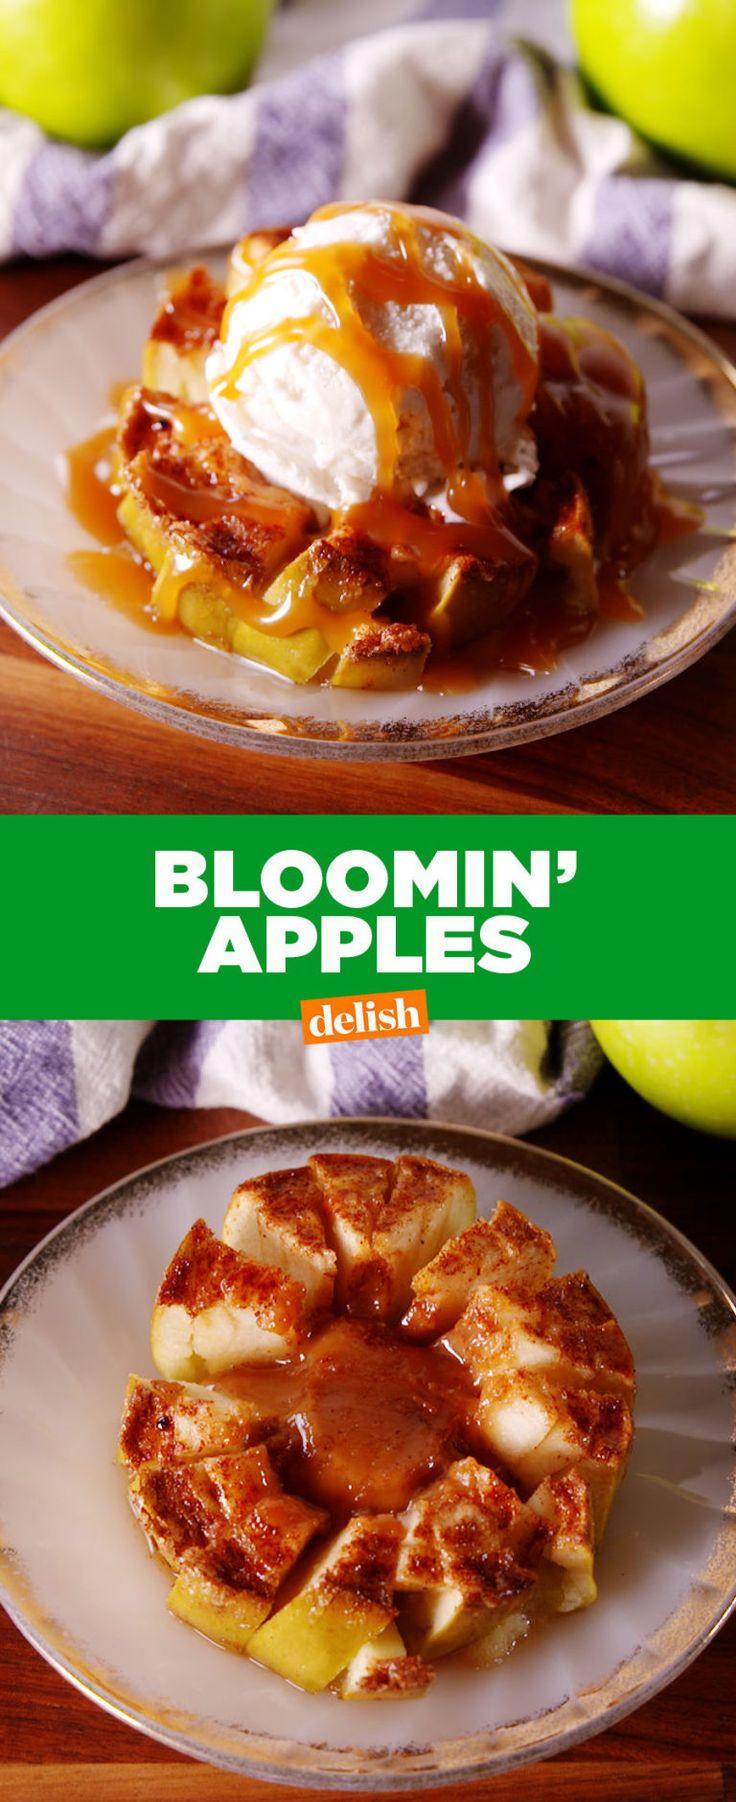 Bloomin' Apples